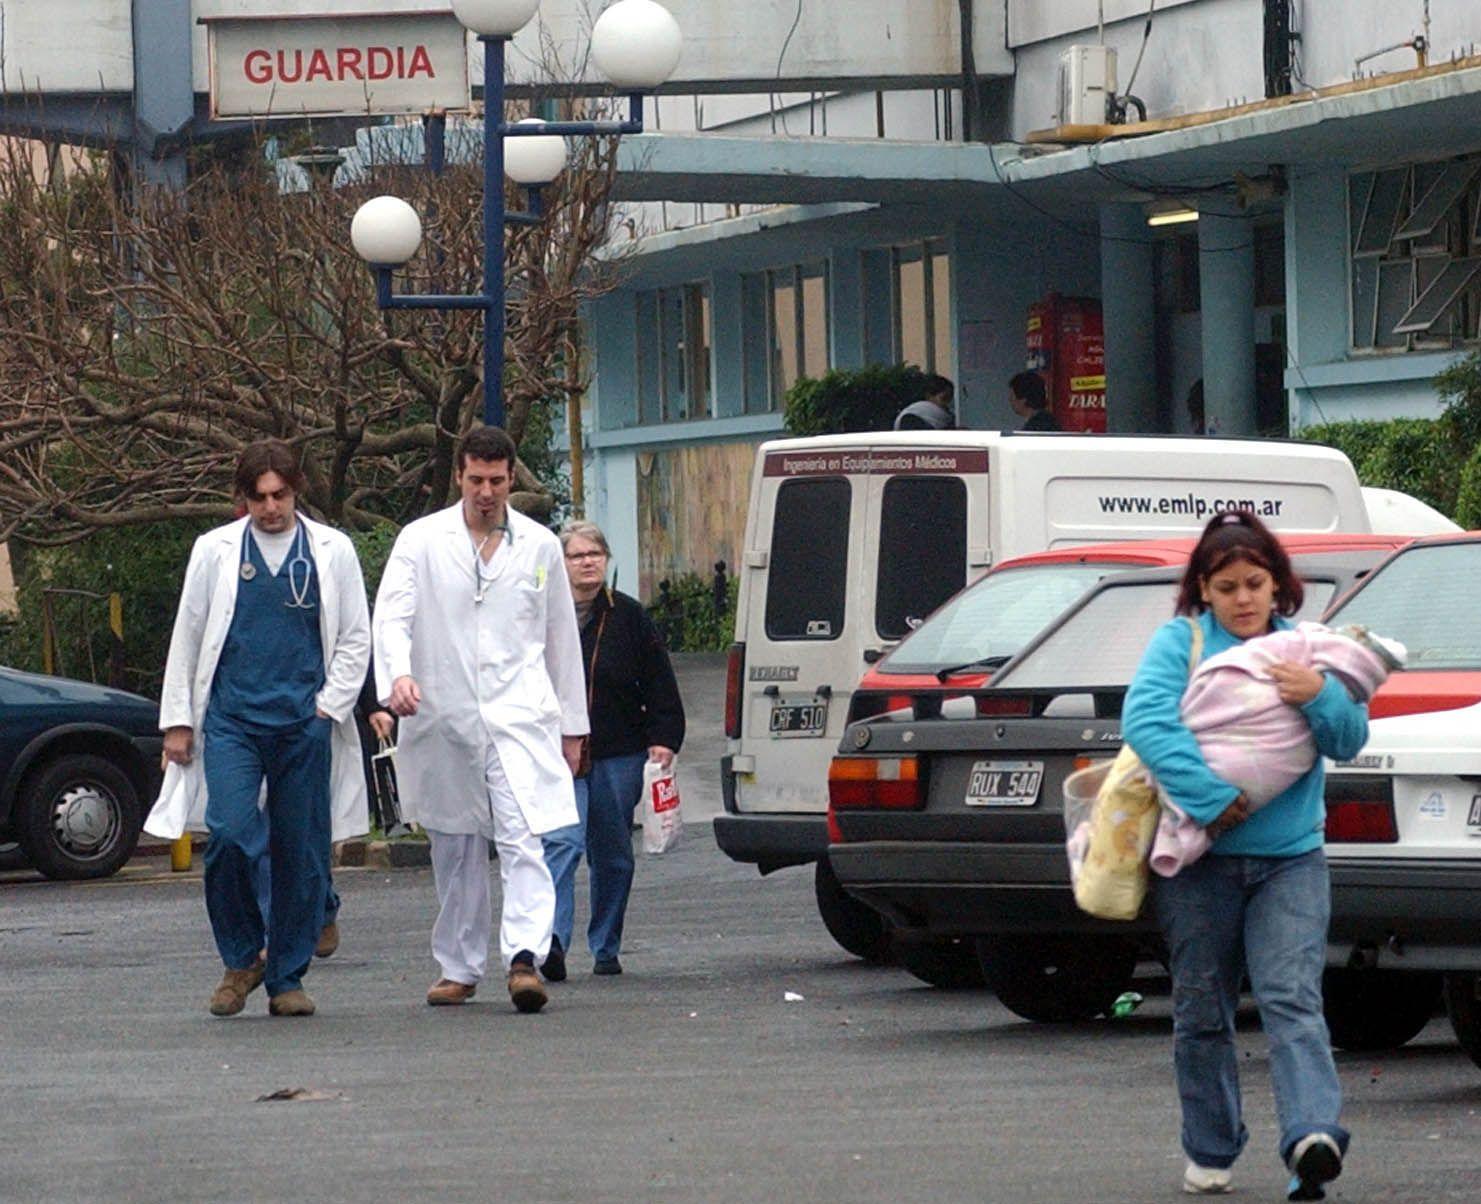 Pondrán botones antipánico por los incidentes en el Fiorito